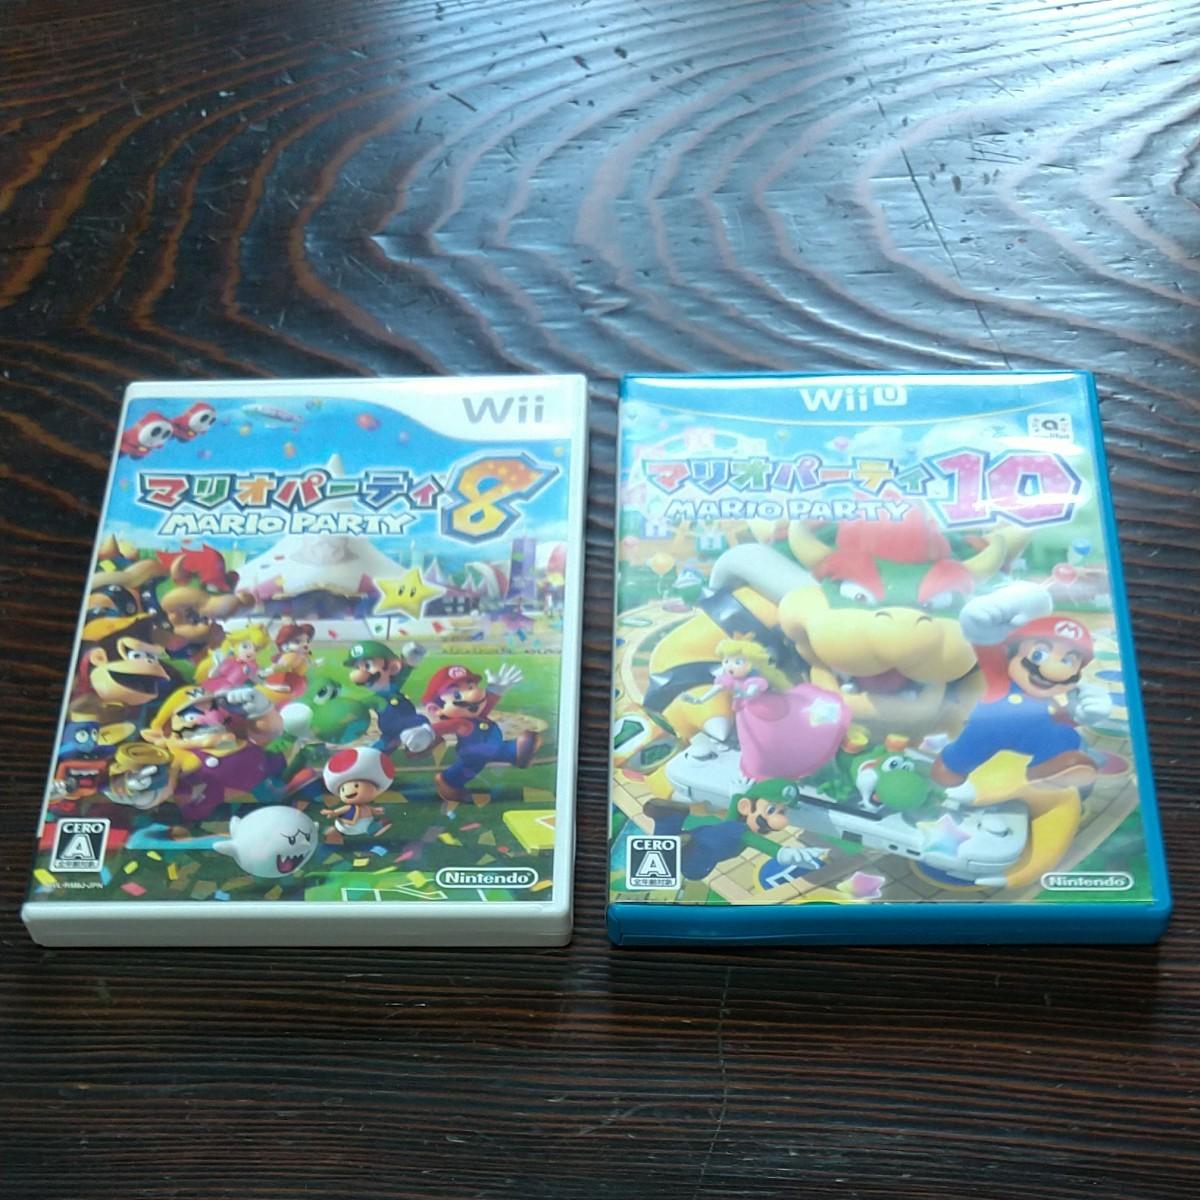 【Wii】 マリオパーティ8 マリオパーティ10 WiiU